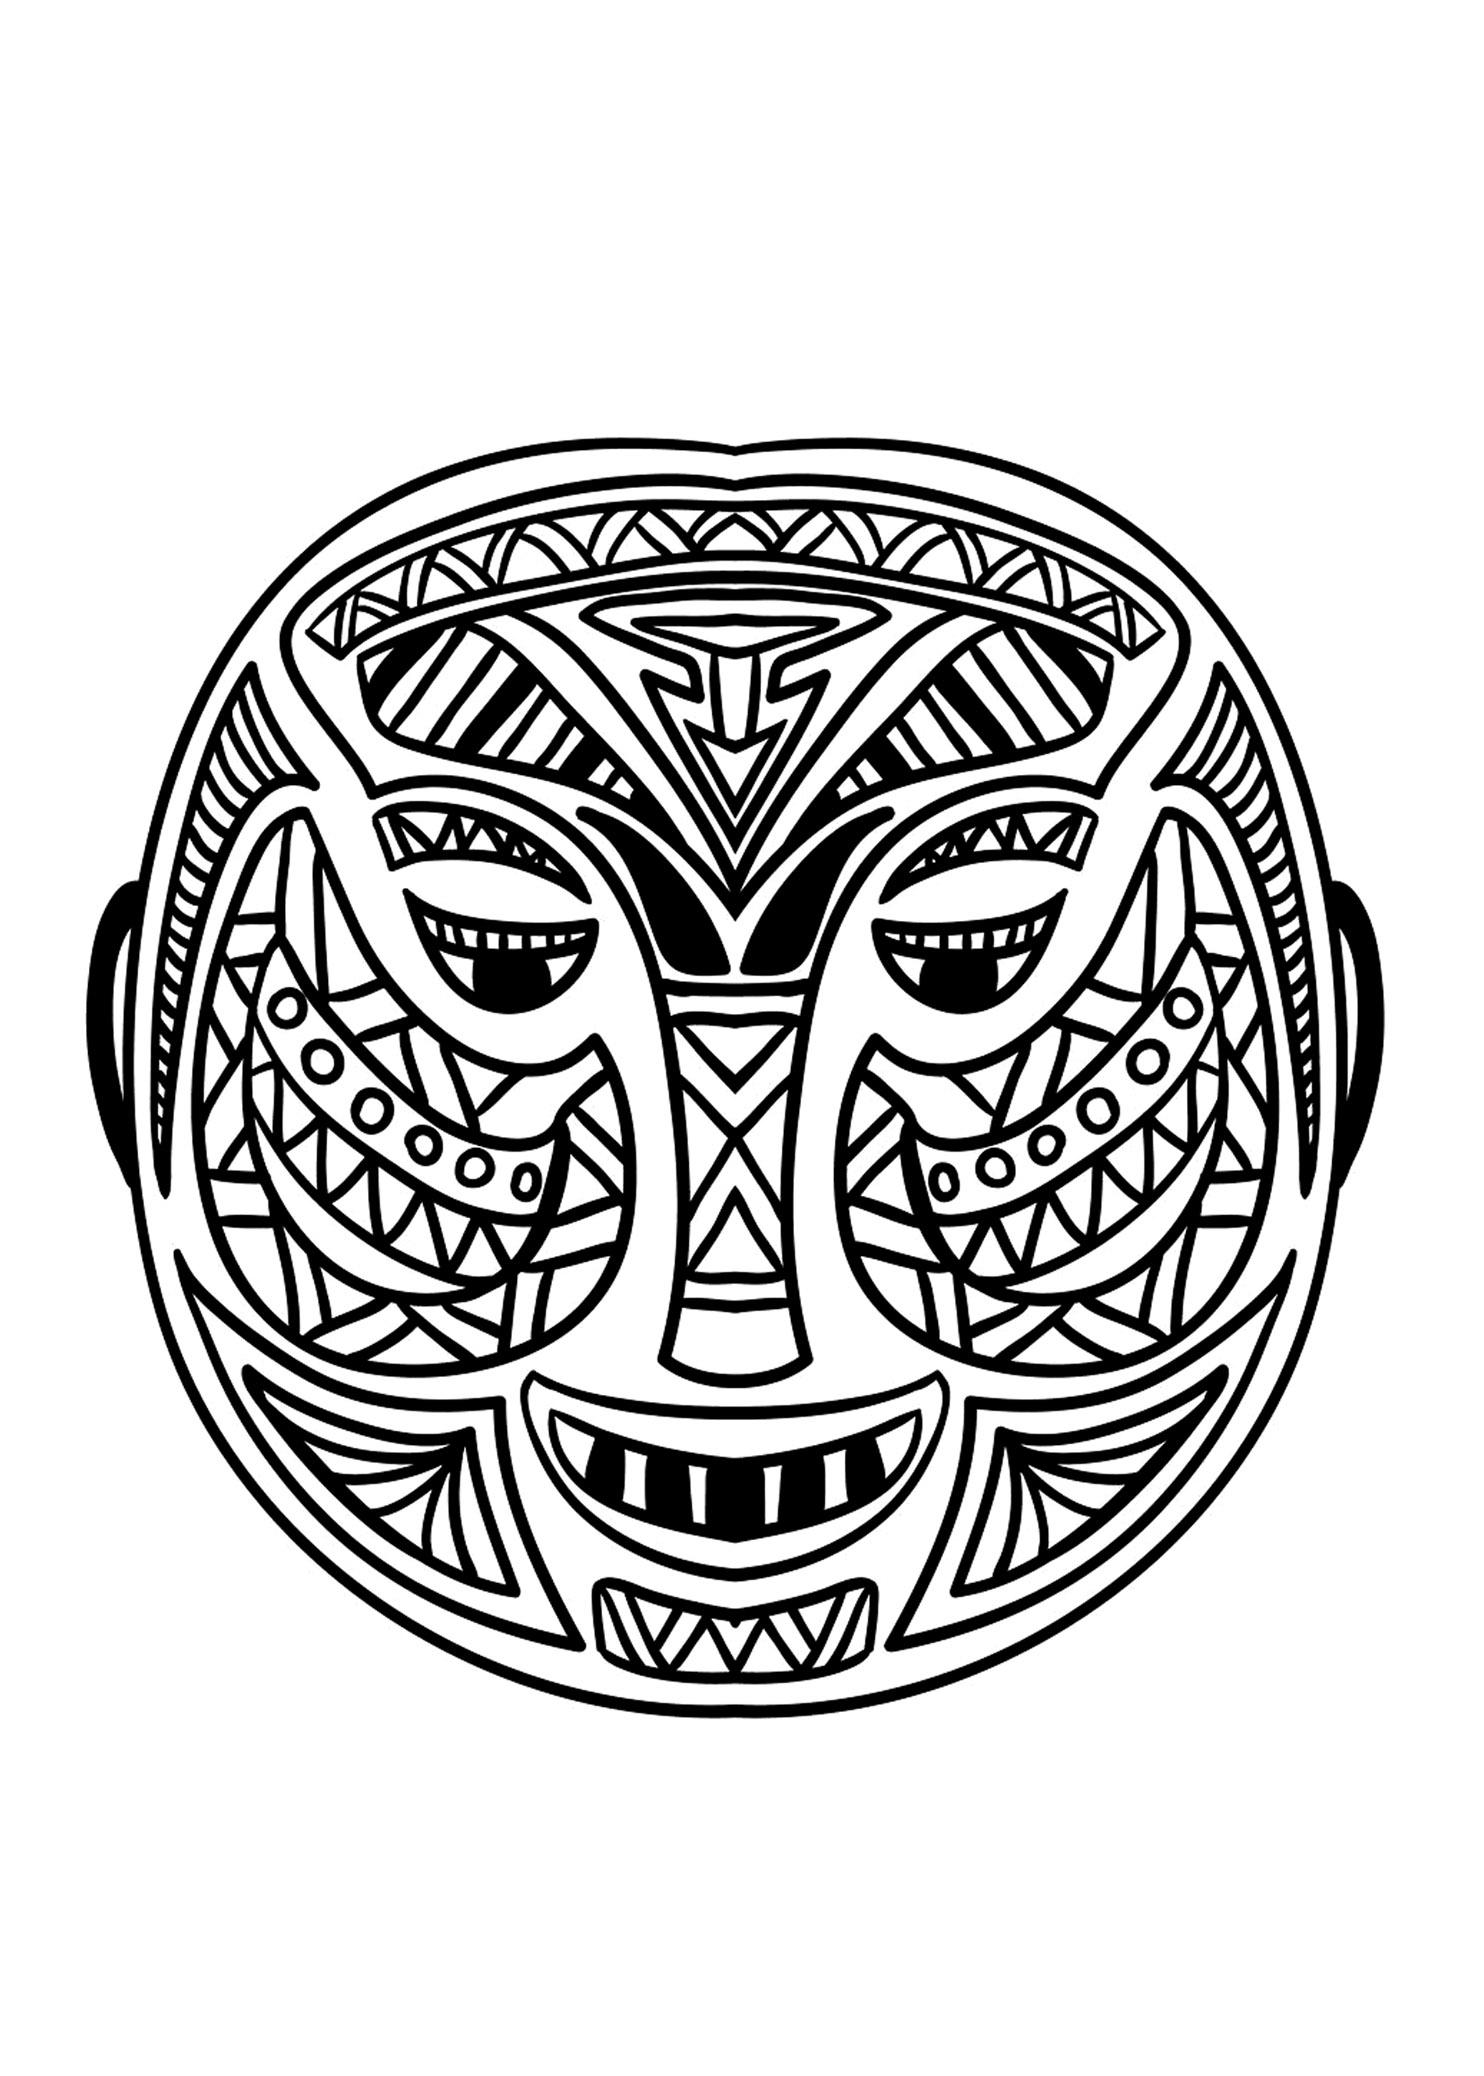 Masque africain 5 coloriage de masques coloriages pour - Masque africain a imprimer ...